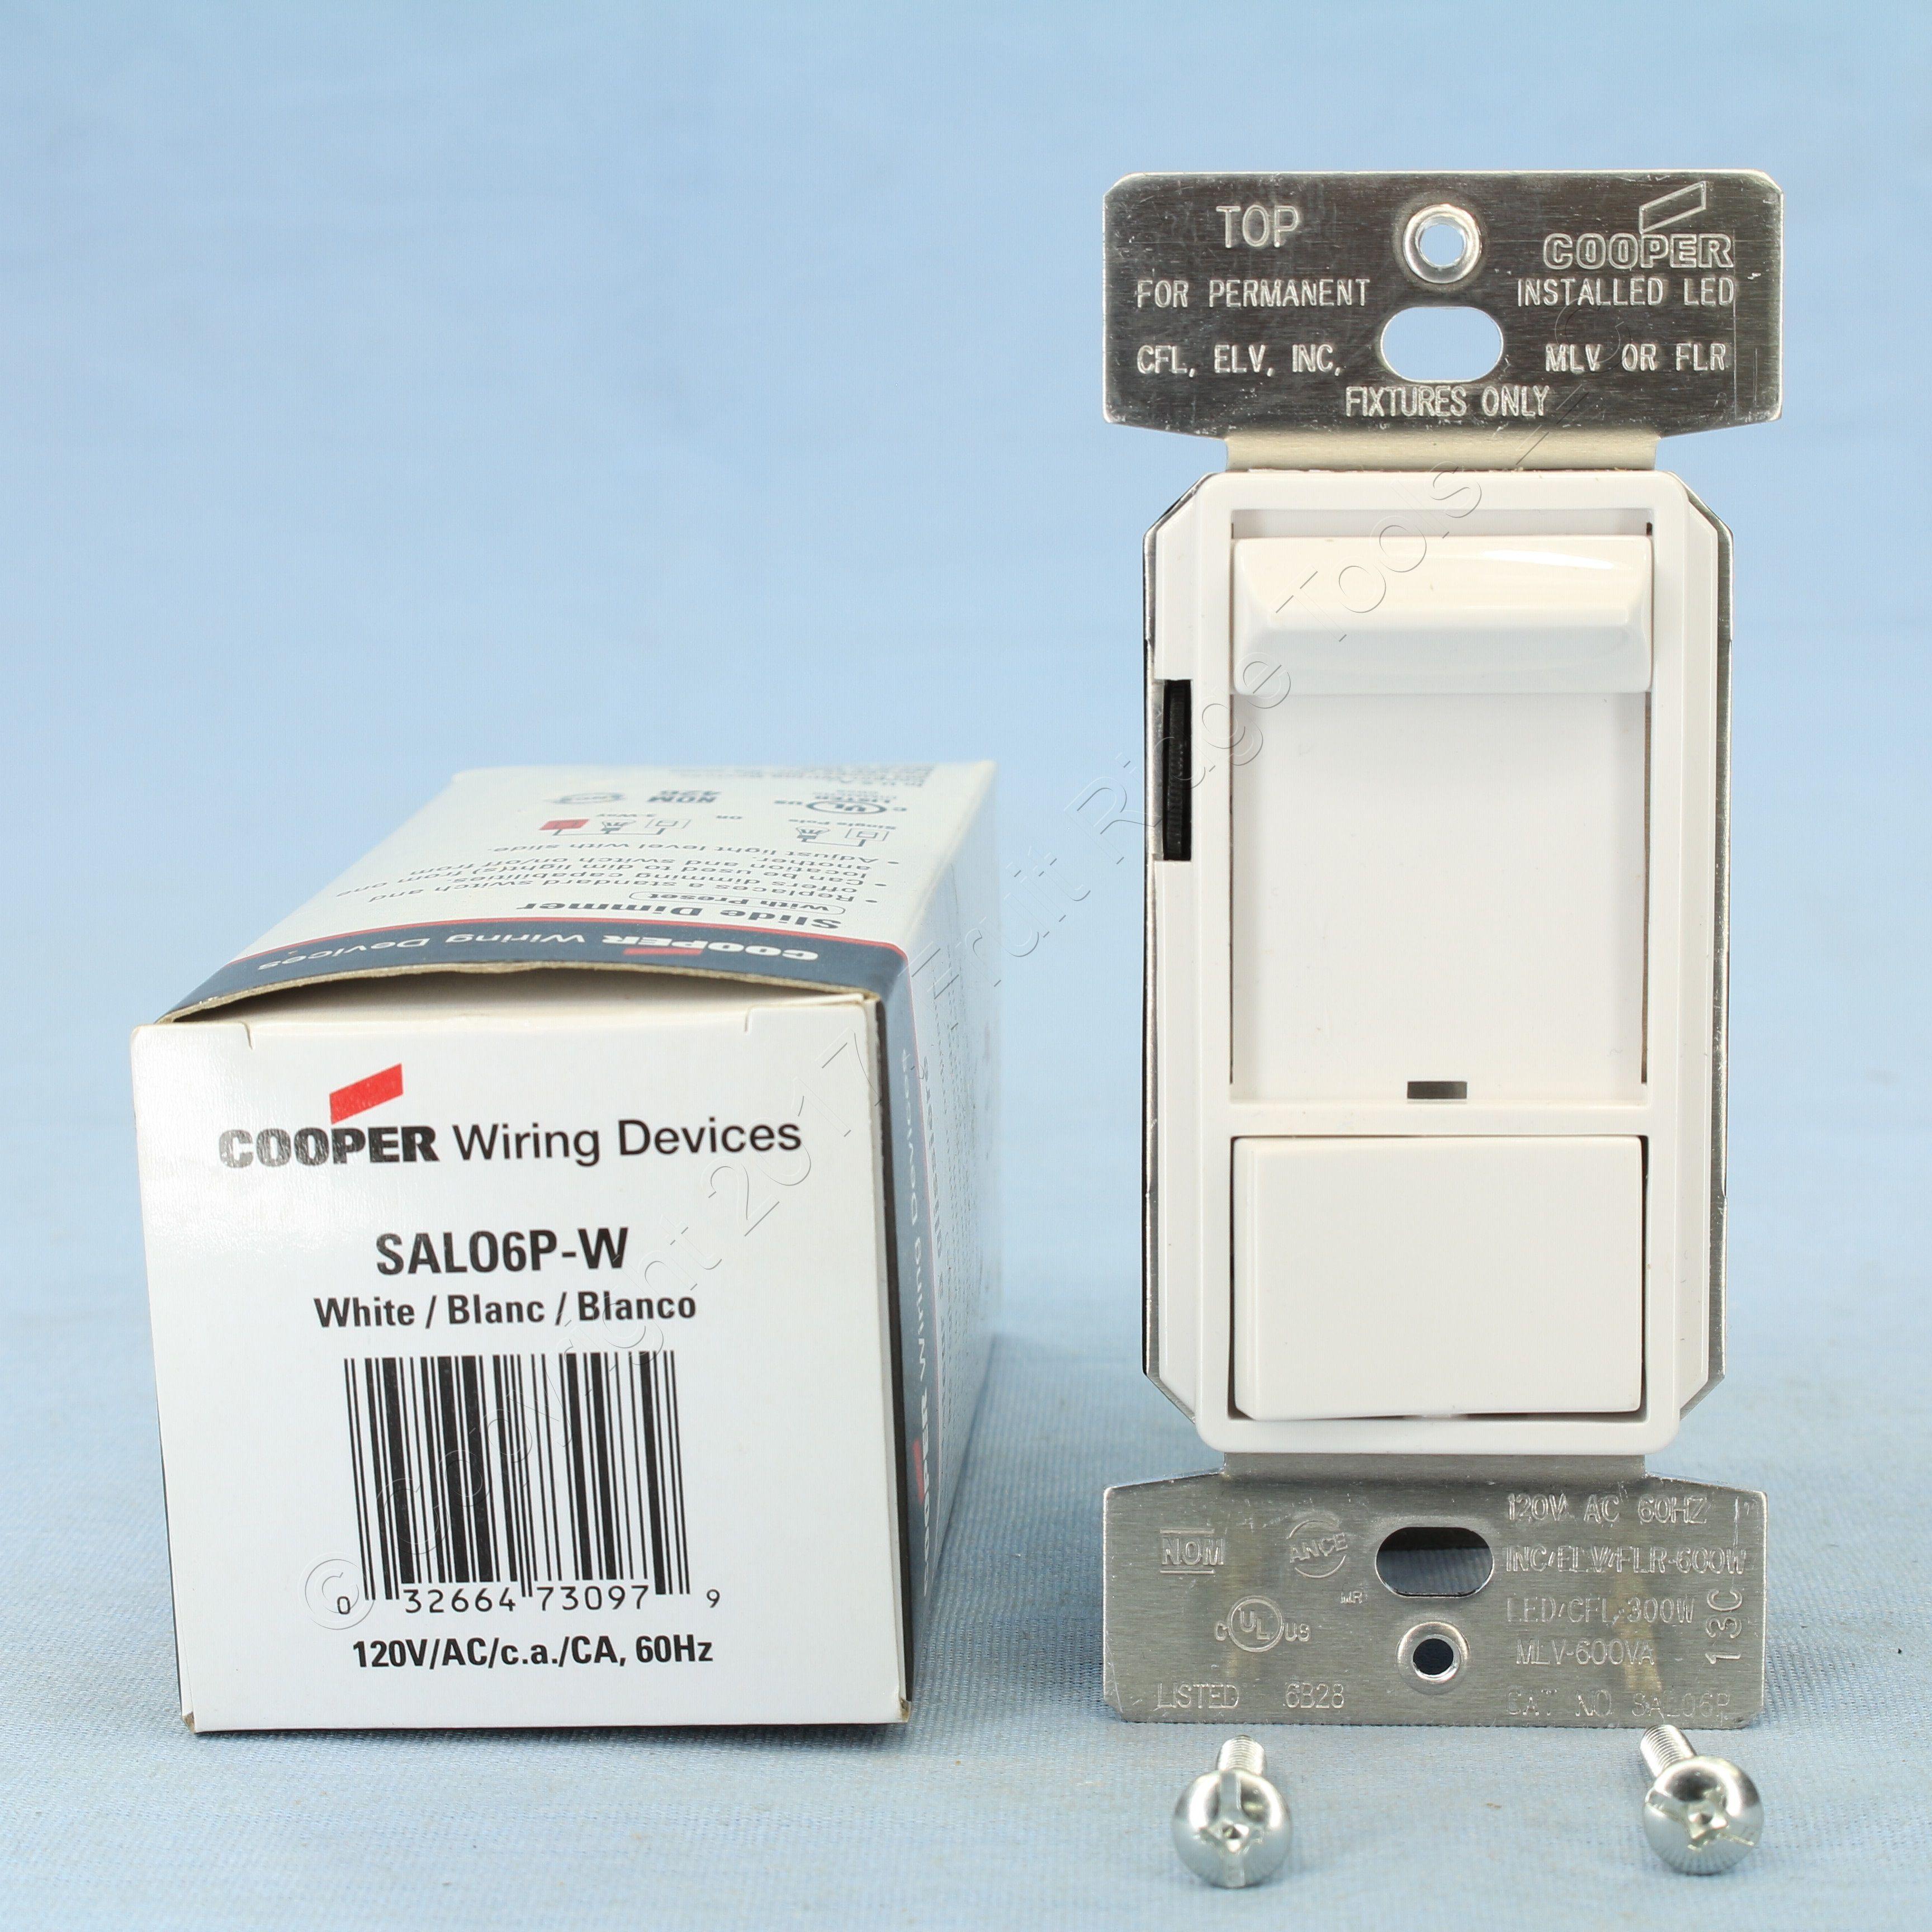 cooper white rapid start slide dimmer switch 120v 300w 3 way single